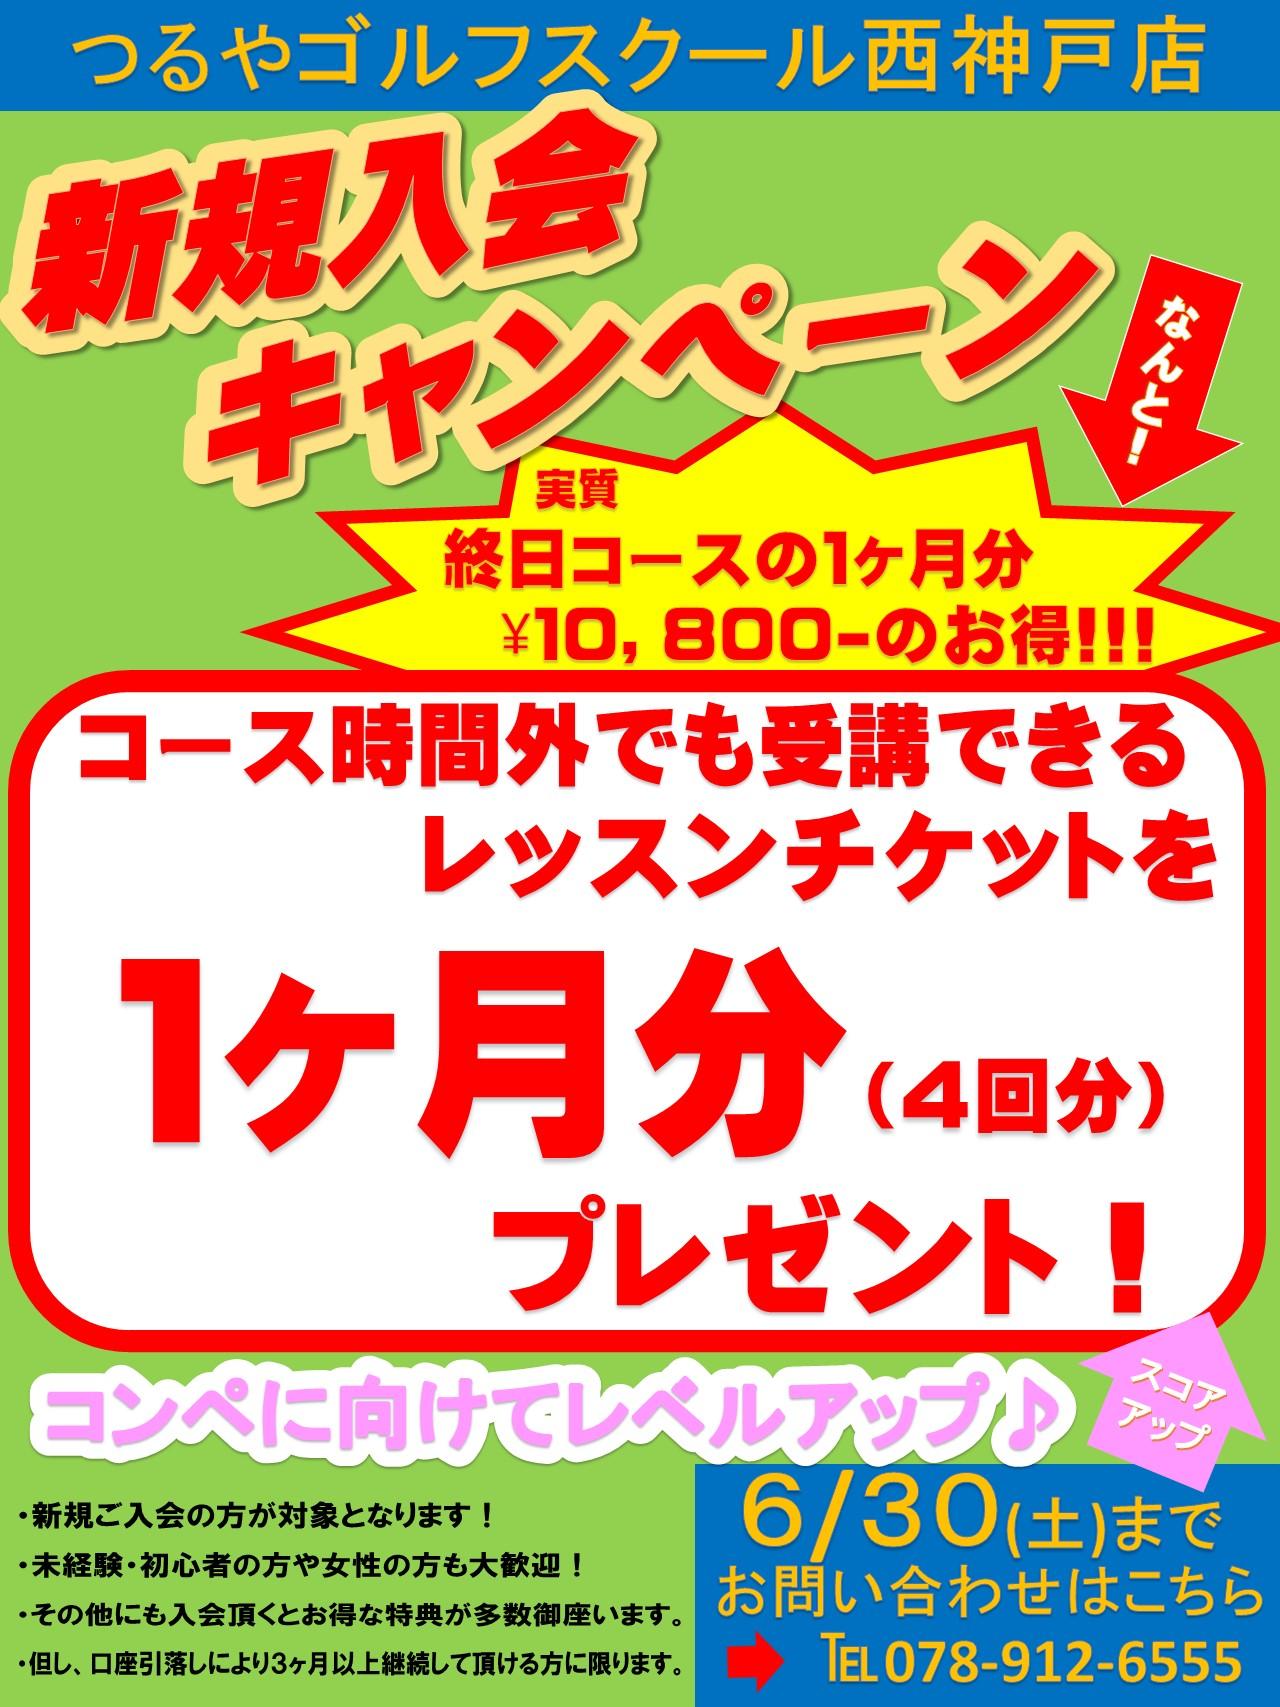 《西神戸》新規入会キャンペーン